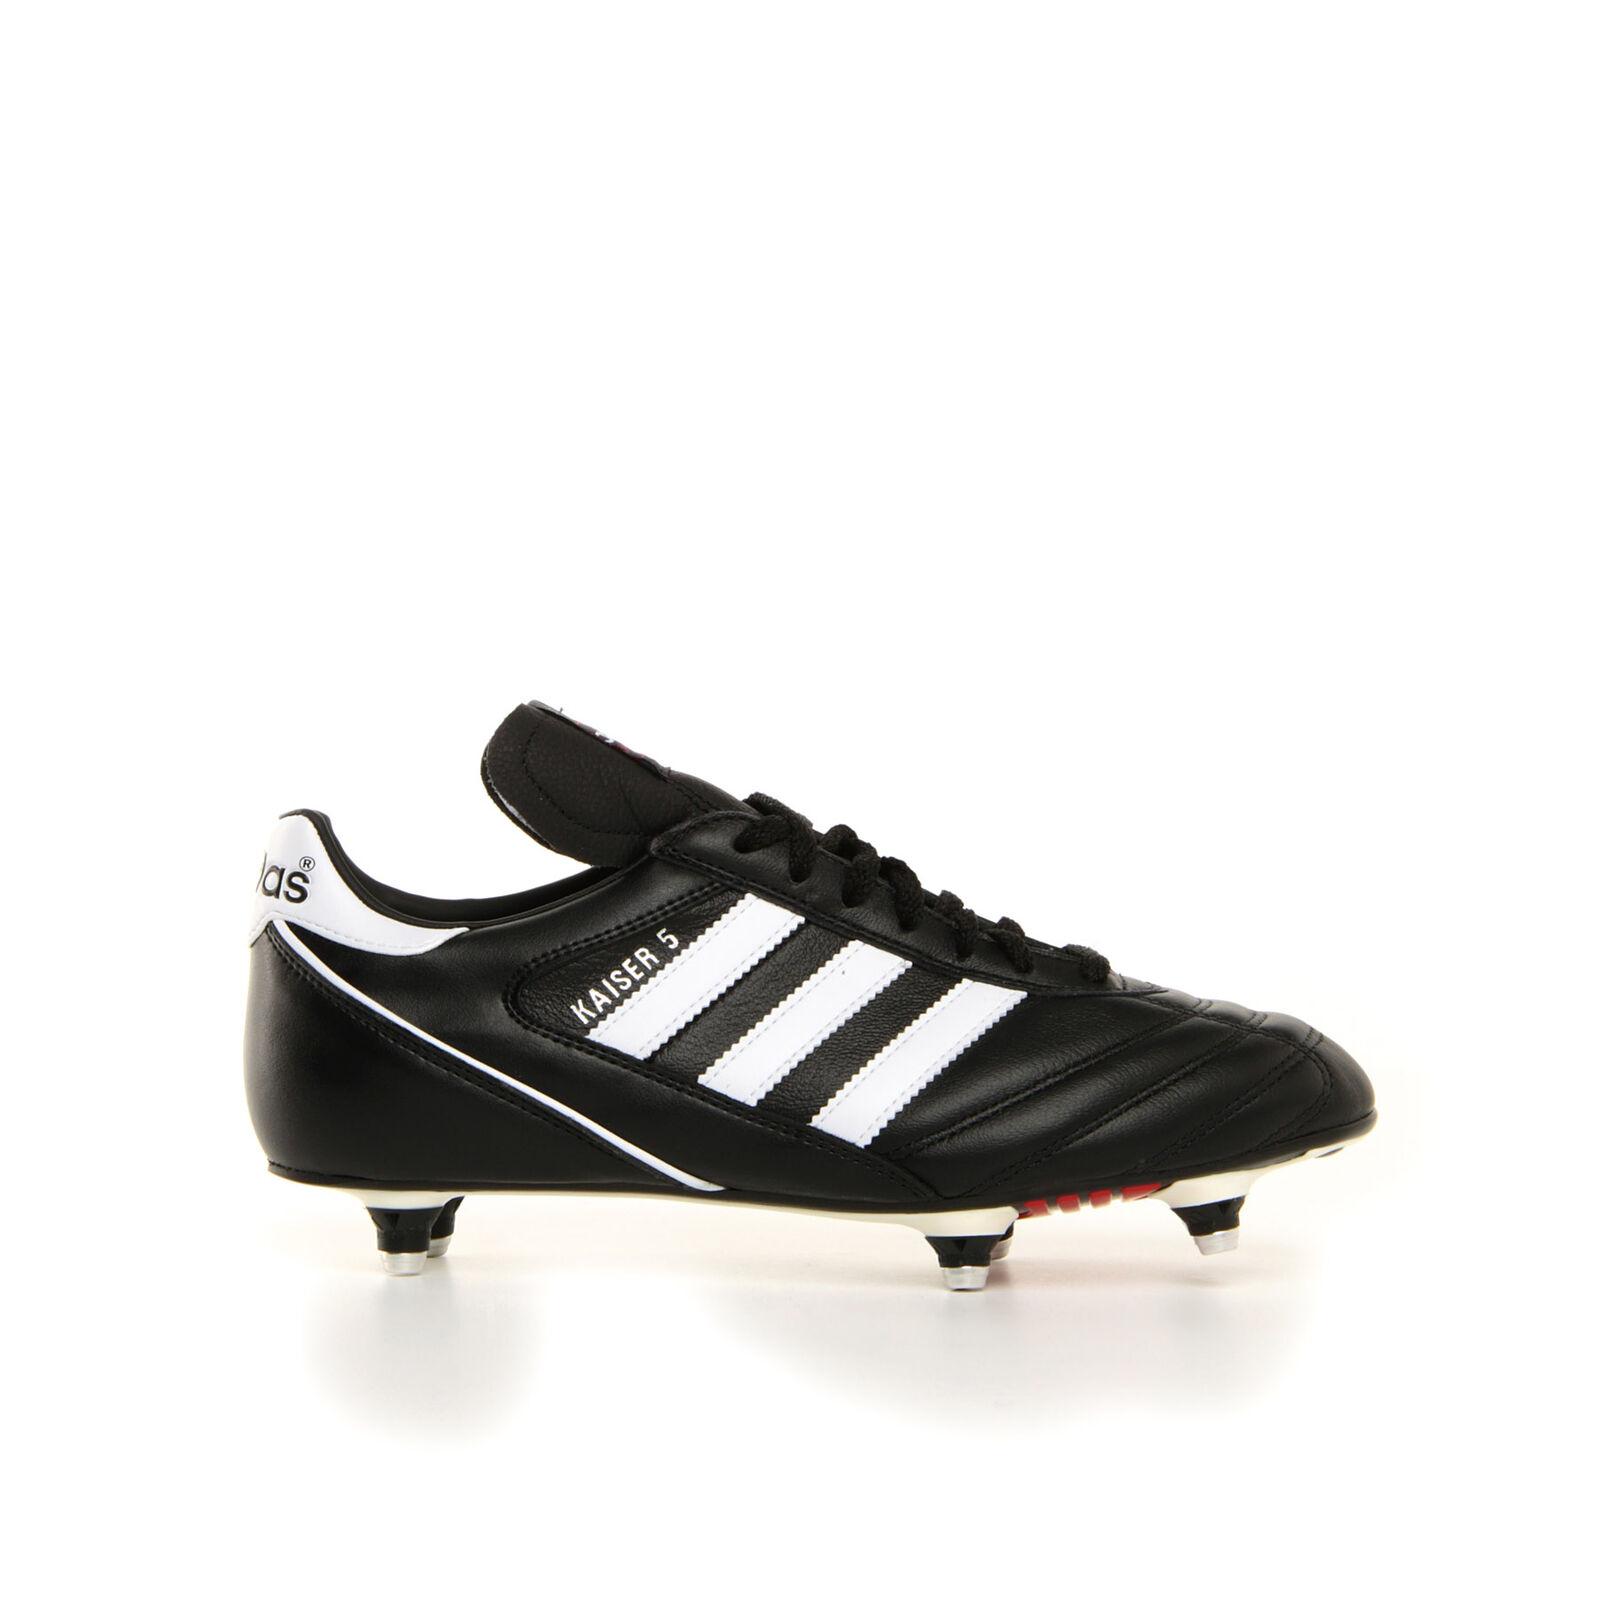 ADIDAS KAISER 5 LIGA shoes CALCIO VITE 033200